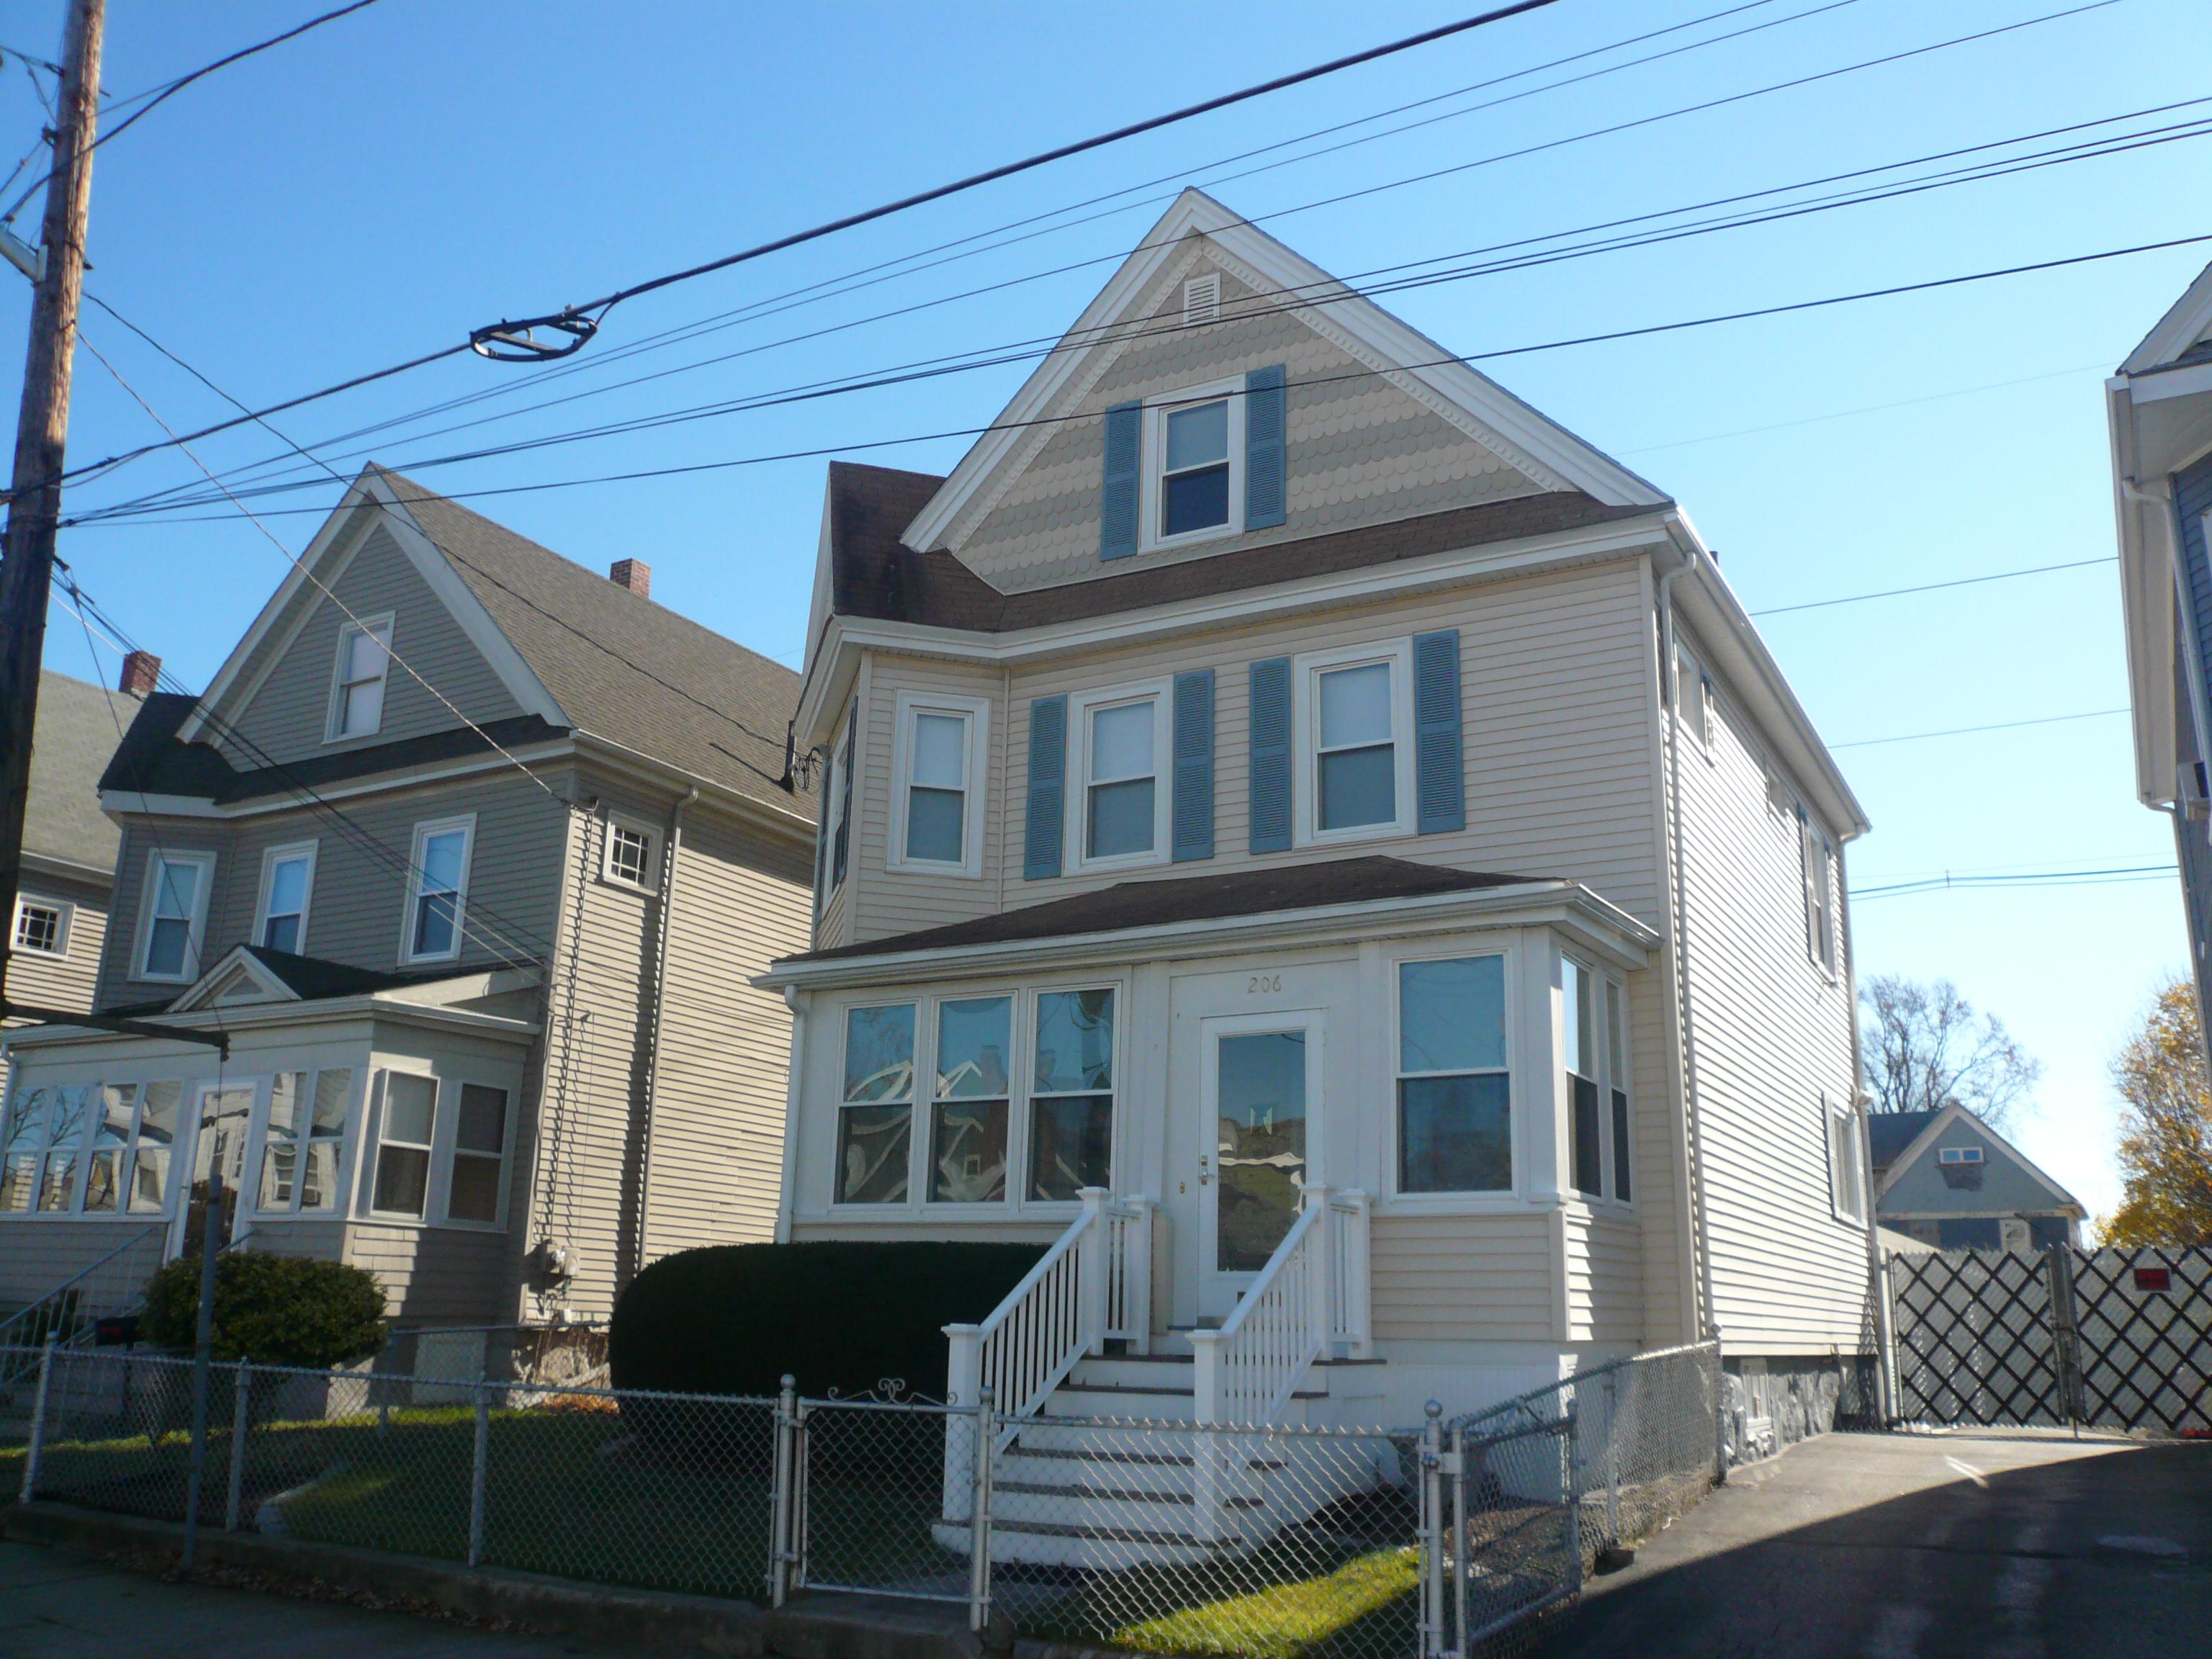 206 Oliver Street, Malden, Massachusetts 02148